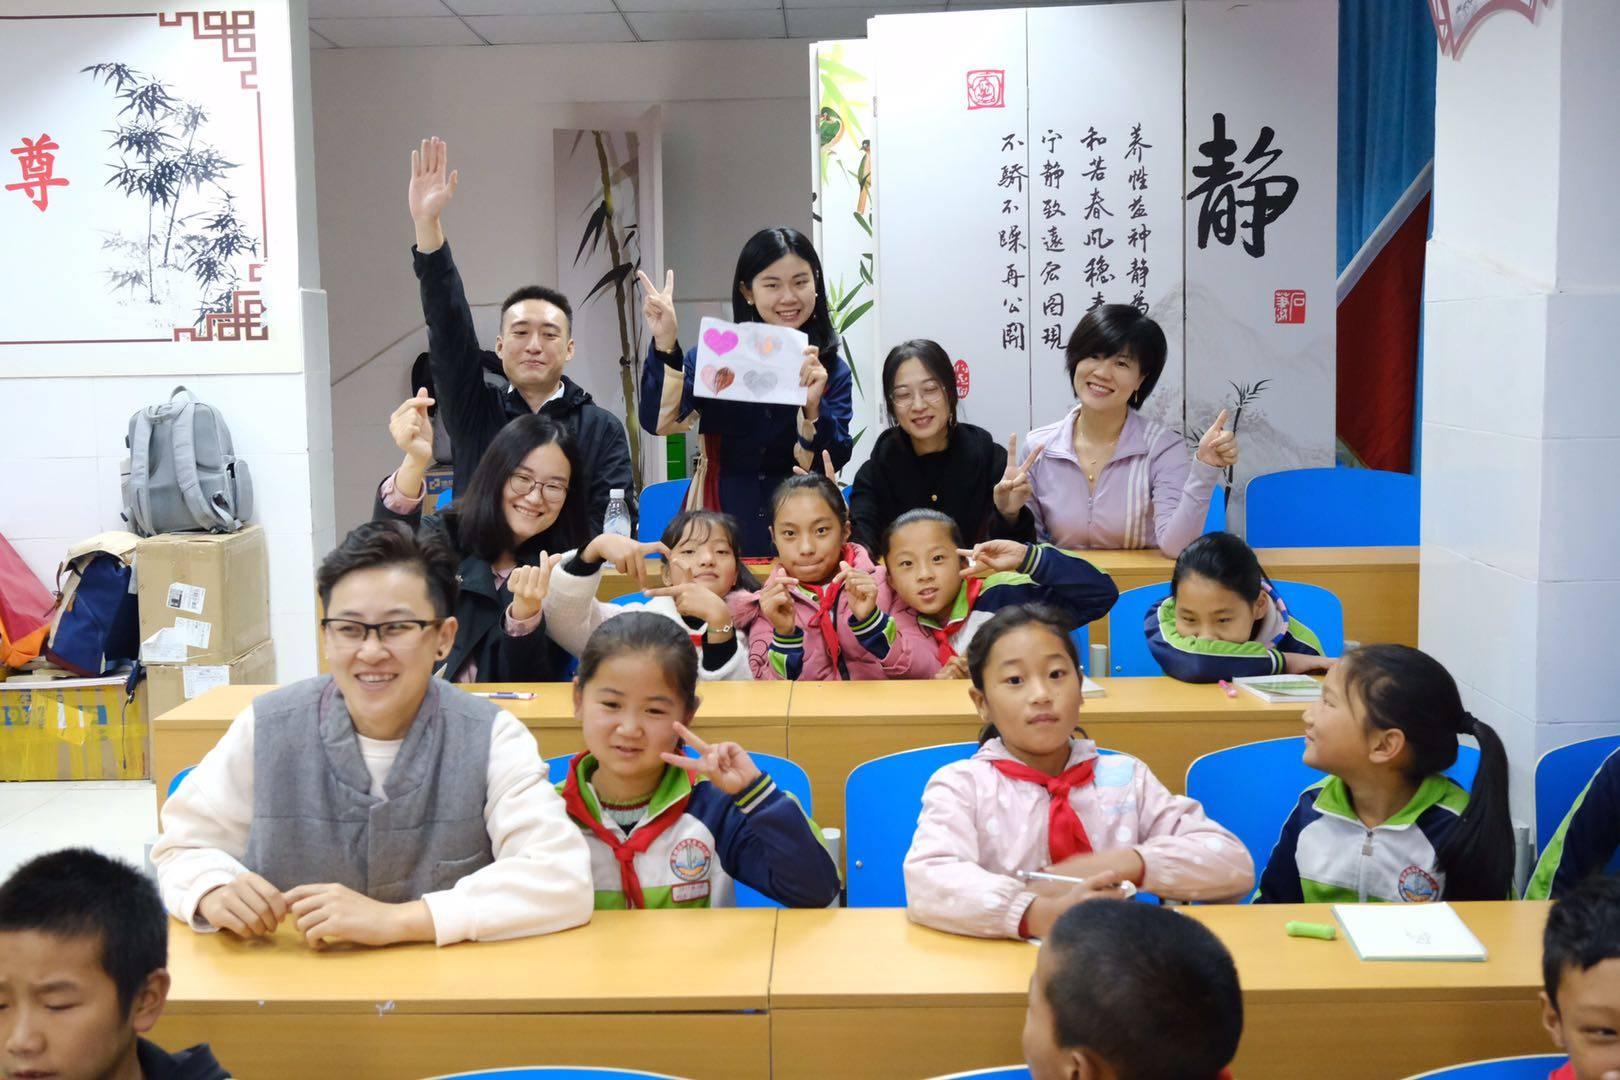 《故宫日历(亲子版)》珍藏大凉山彝族少年的最美记忆